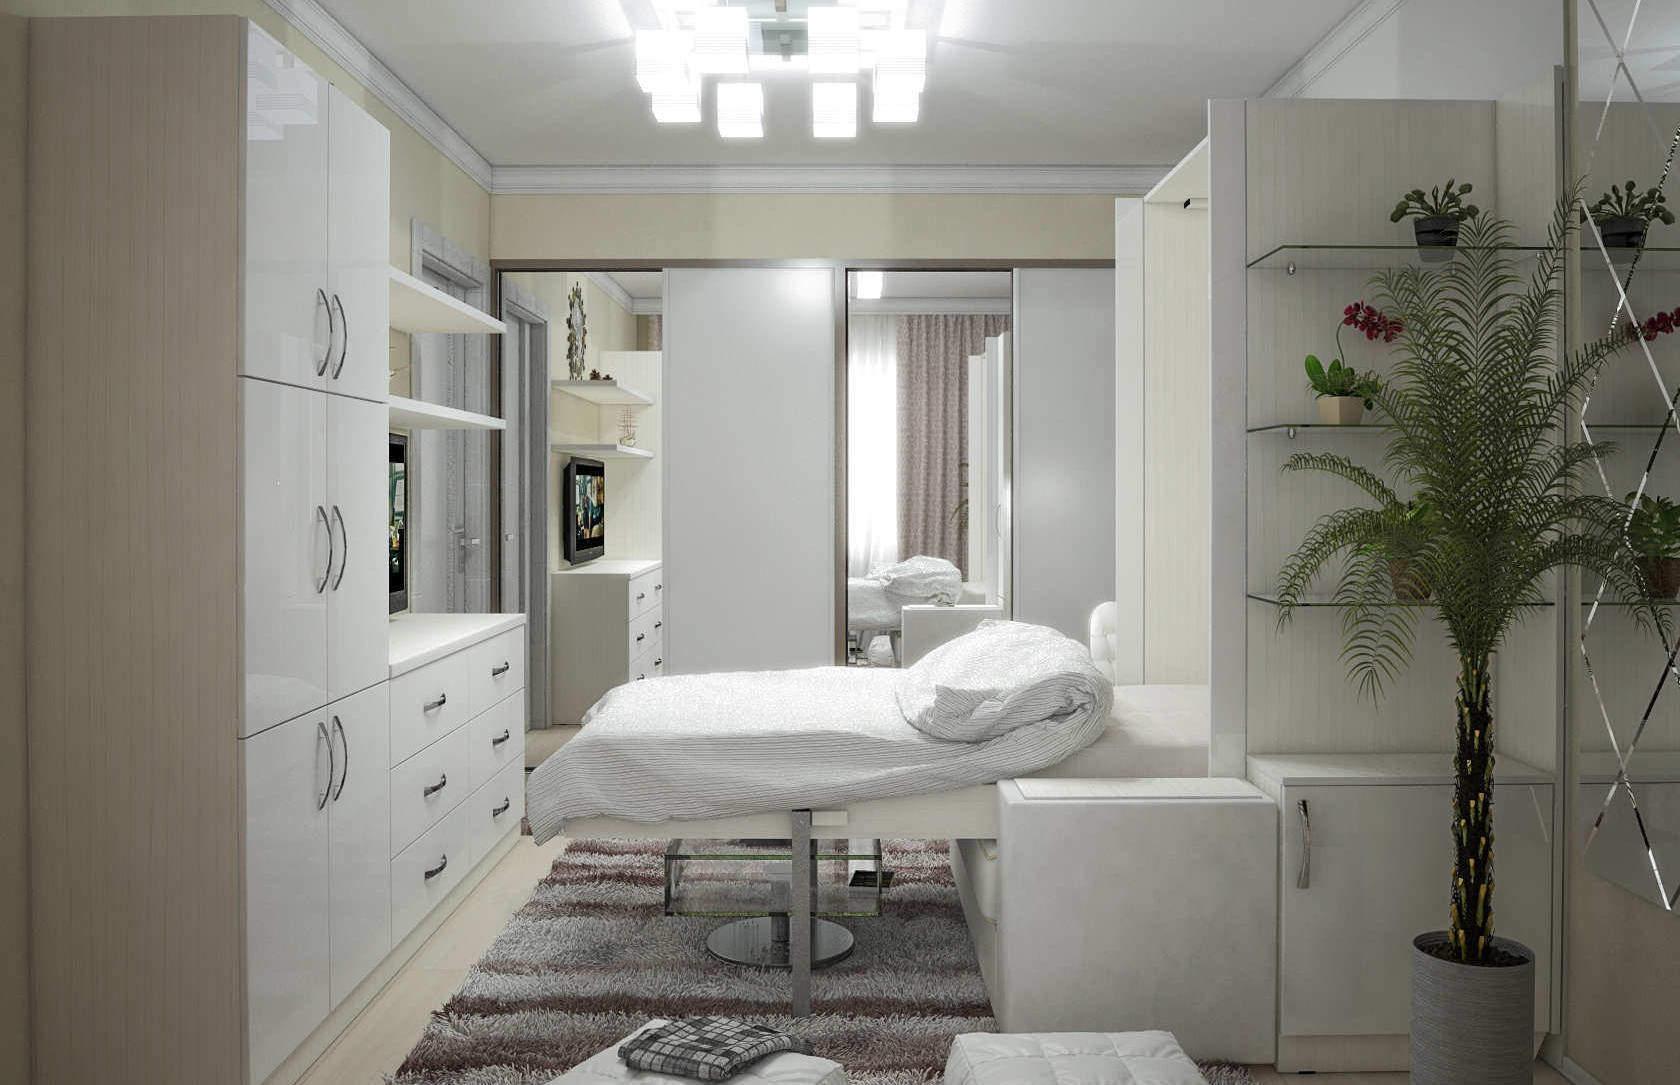 Комплект с 1-спальной подъёмной кроватью и диваном «Блик» недорого